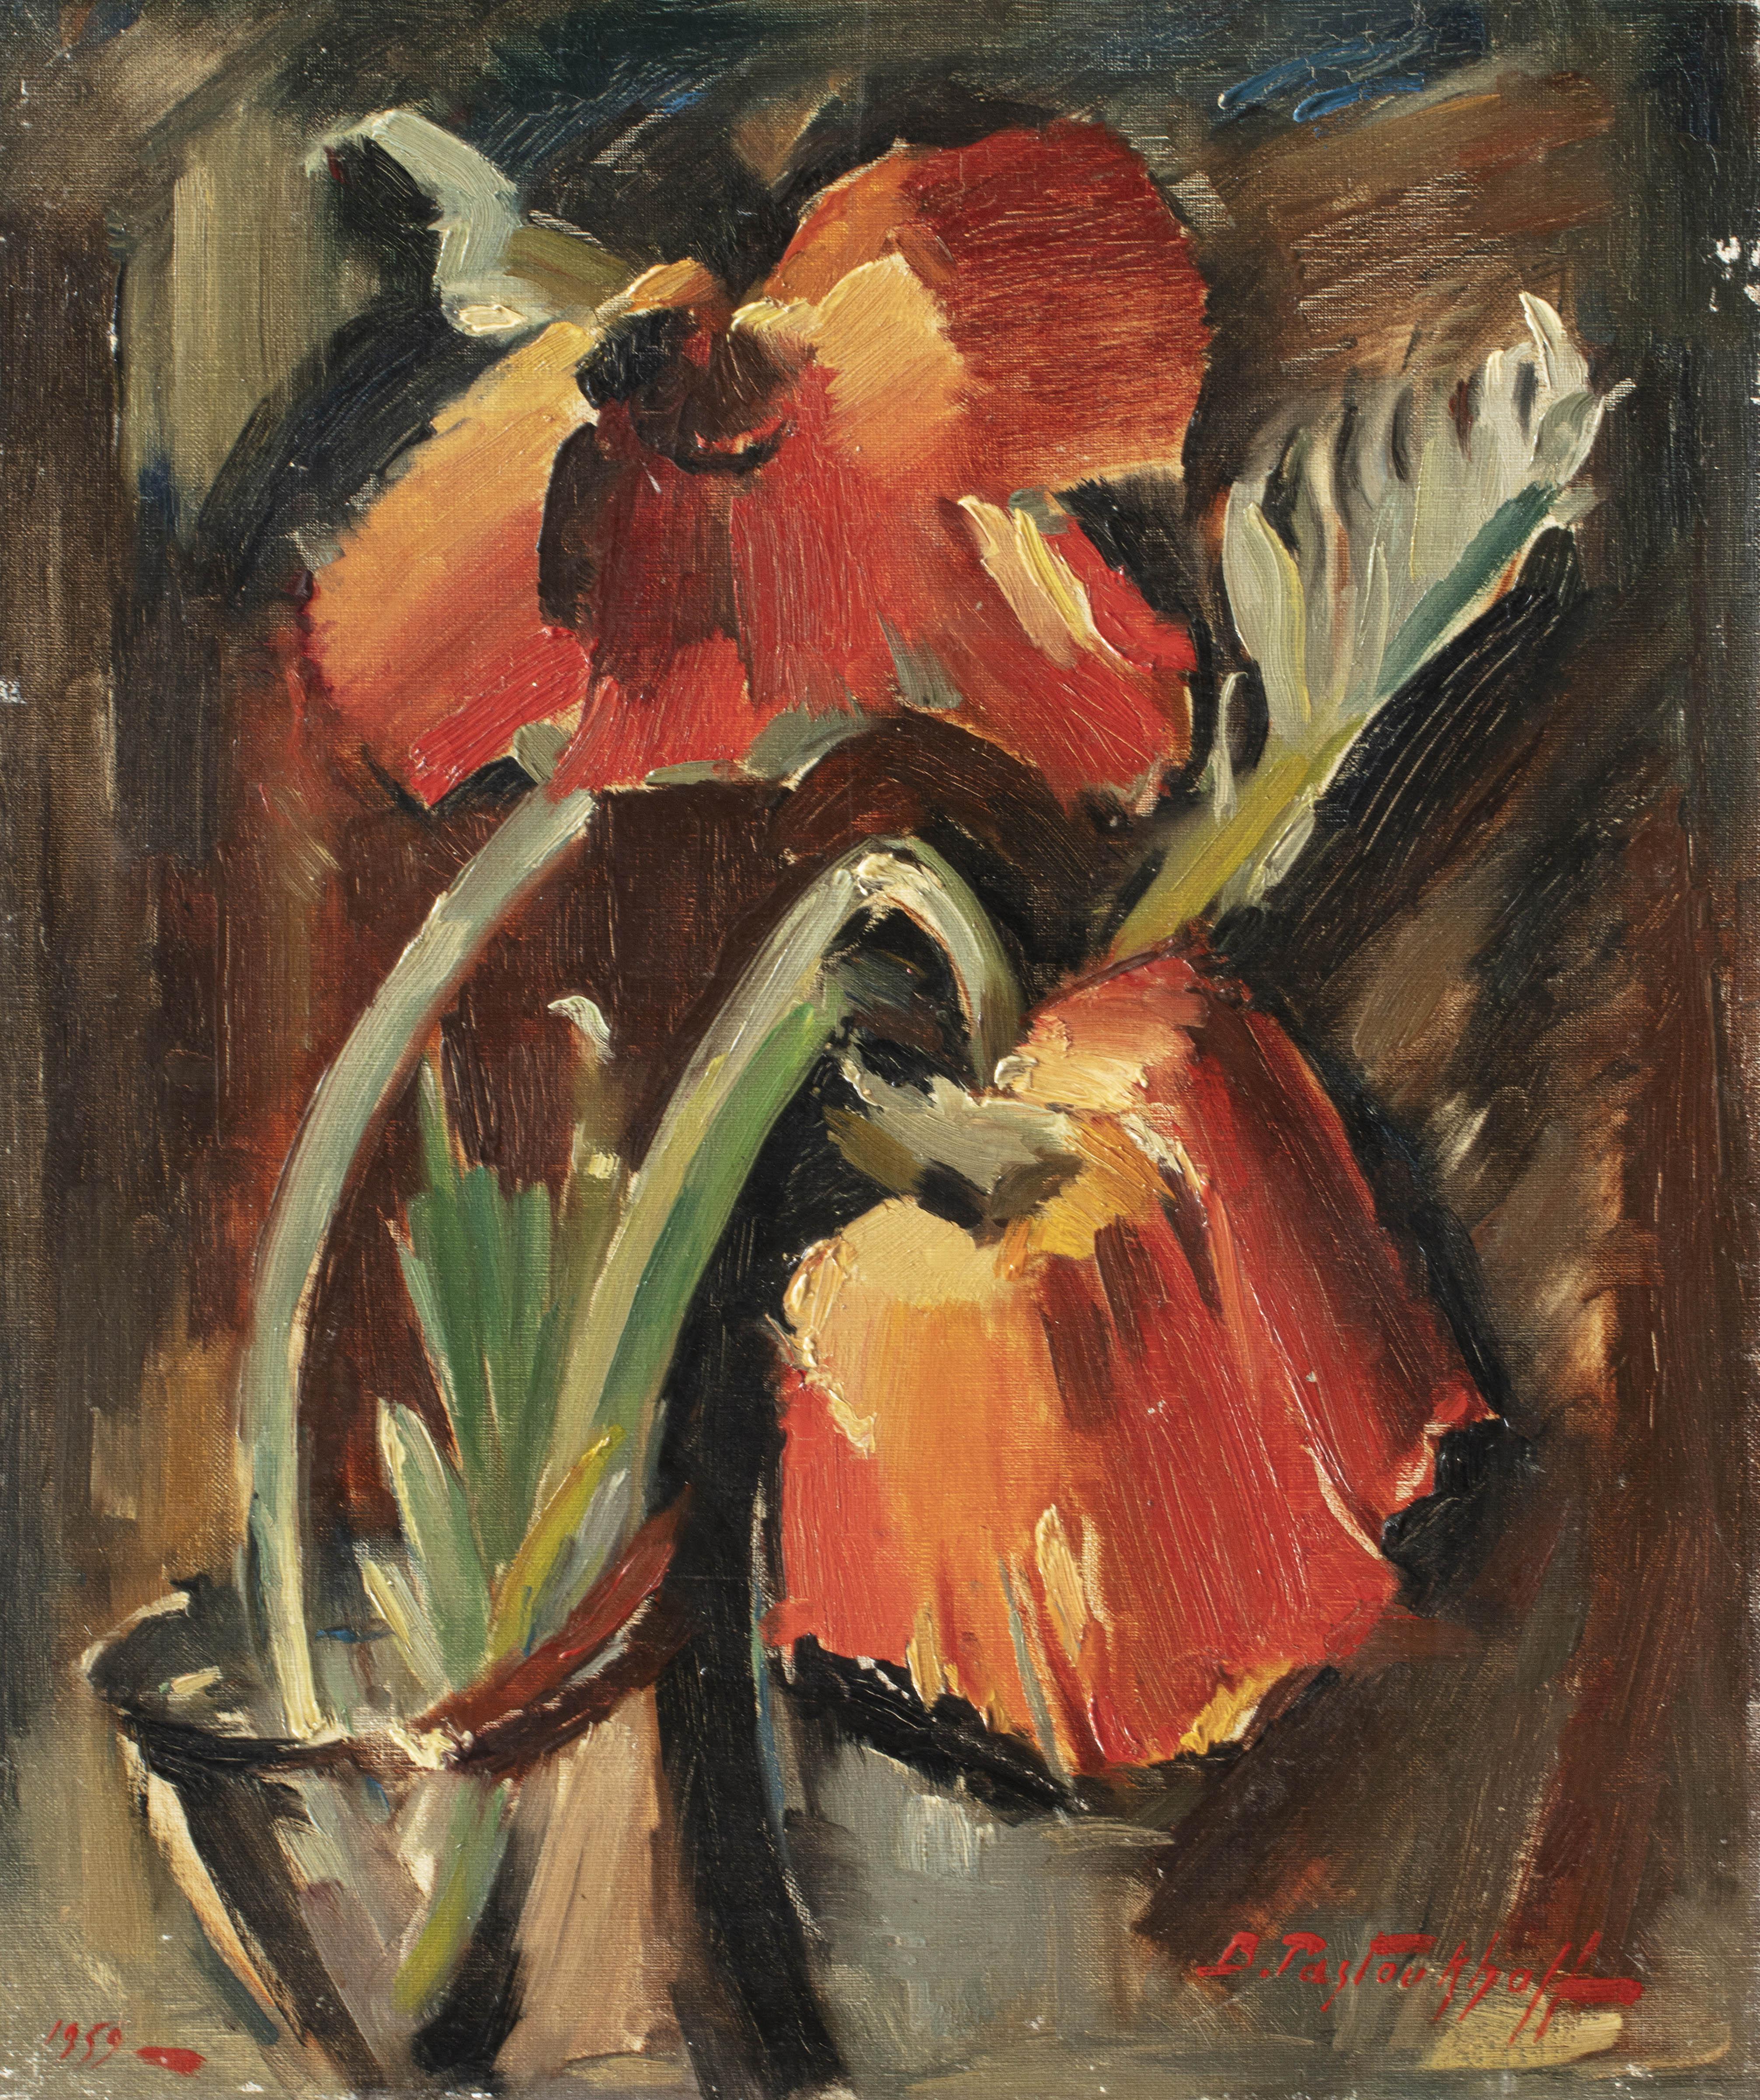 Maki, 1959